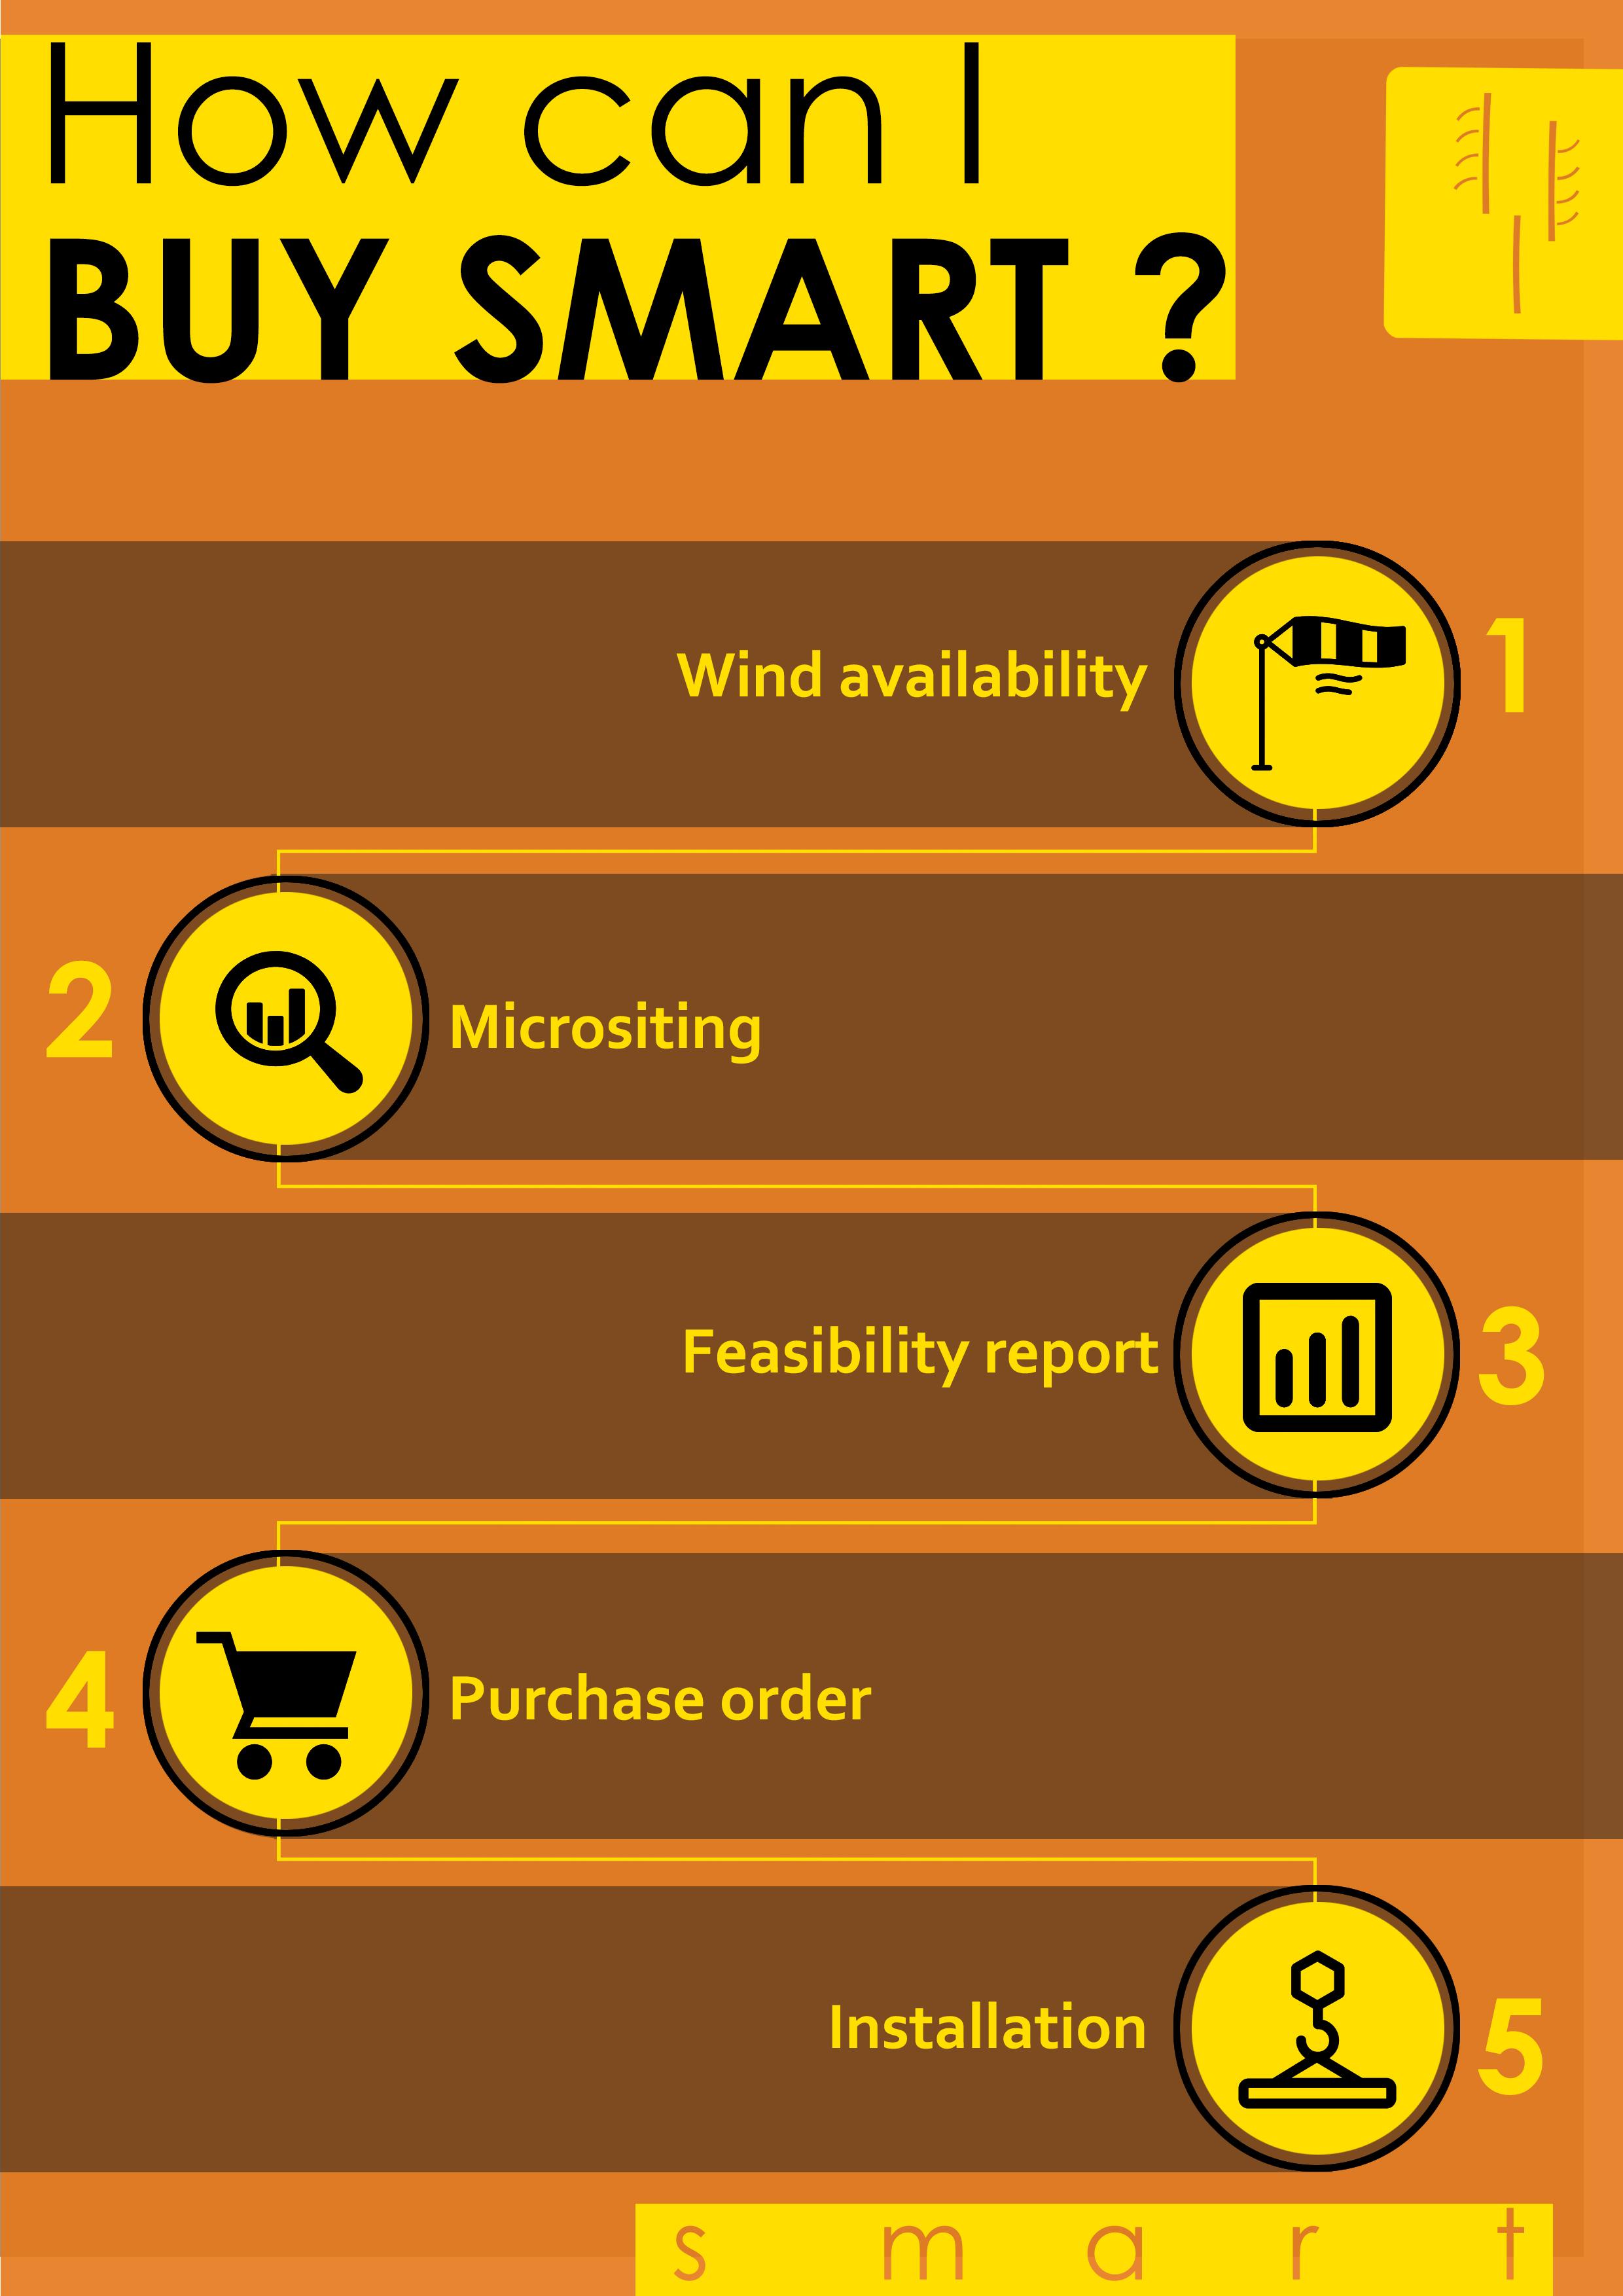 how to buy smart-1.jpg